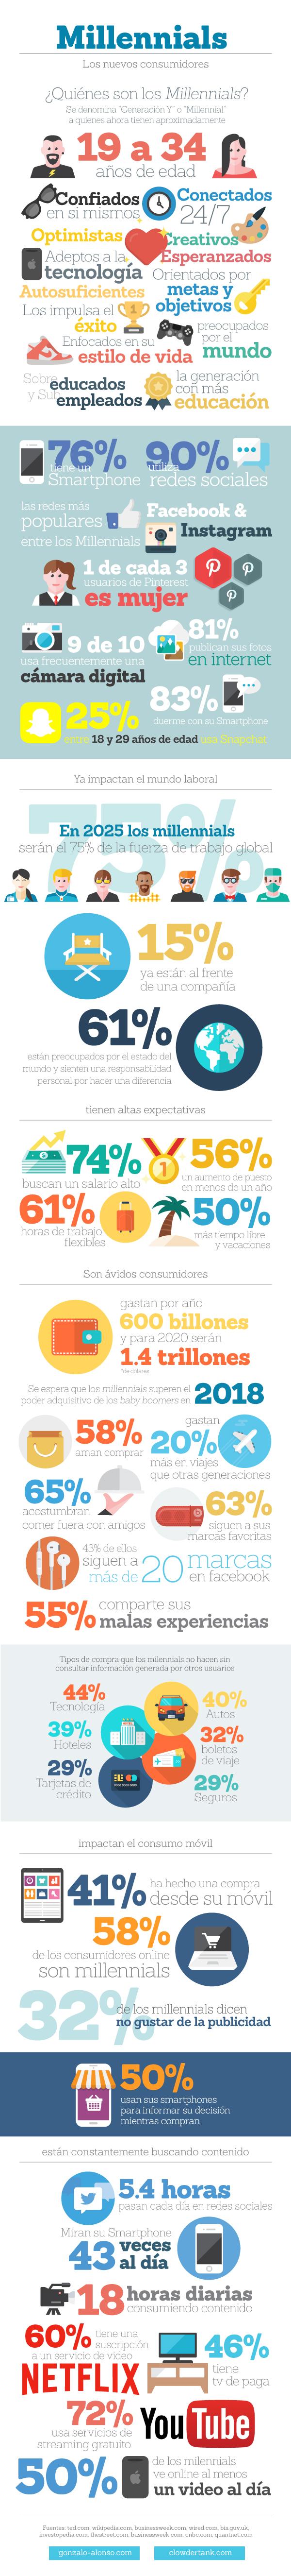 Infografìa-Millennial